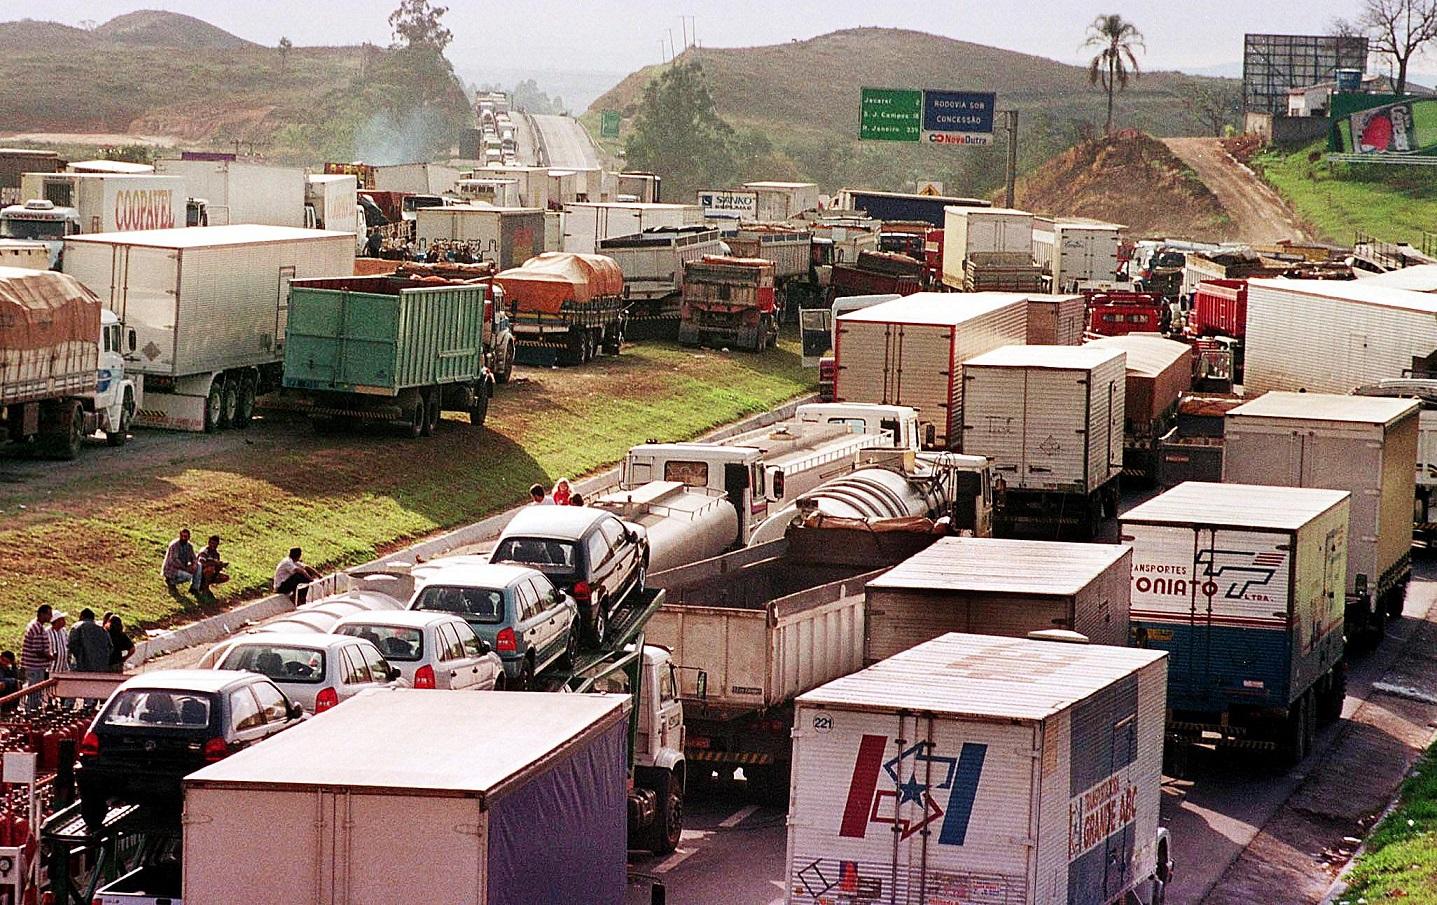 Centenas de caminhões bloqueiam a Rodovia Presidente Dutra, em São Paulo. Foto STR/AFP